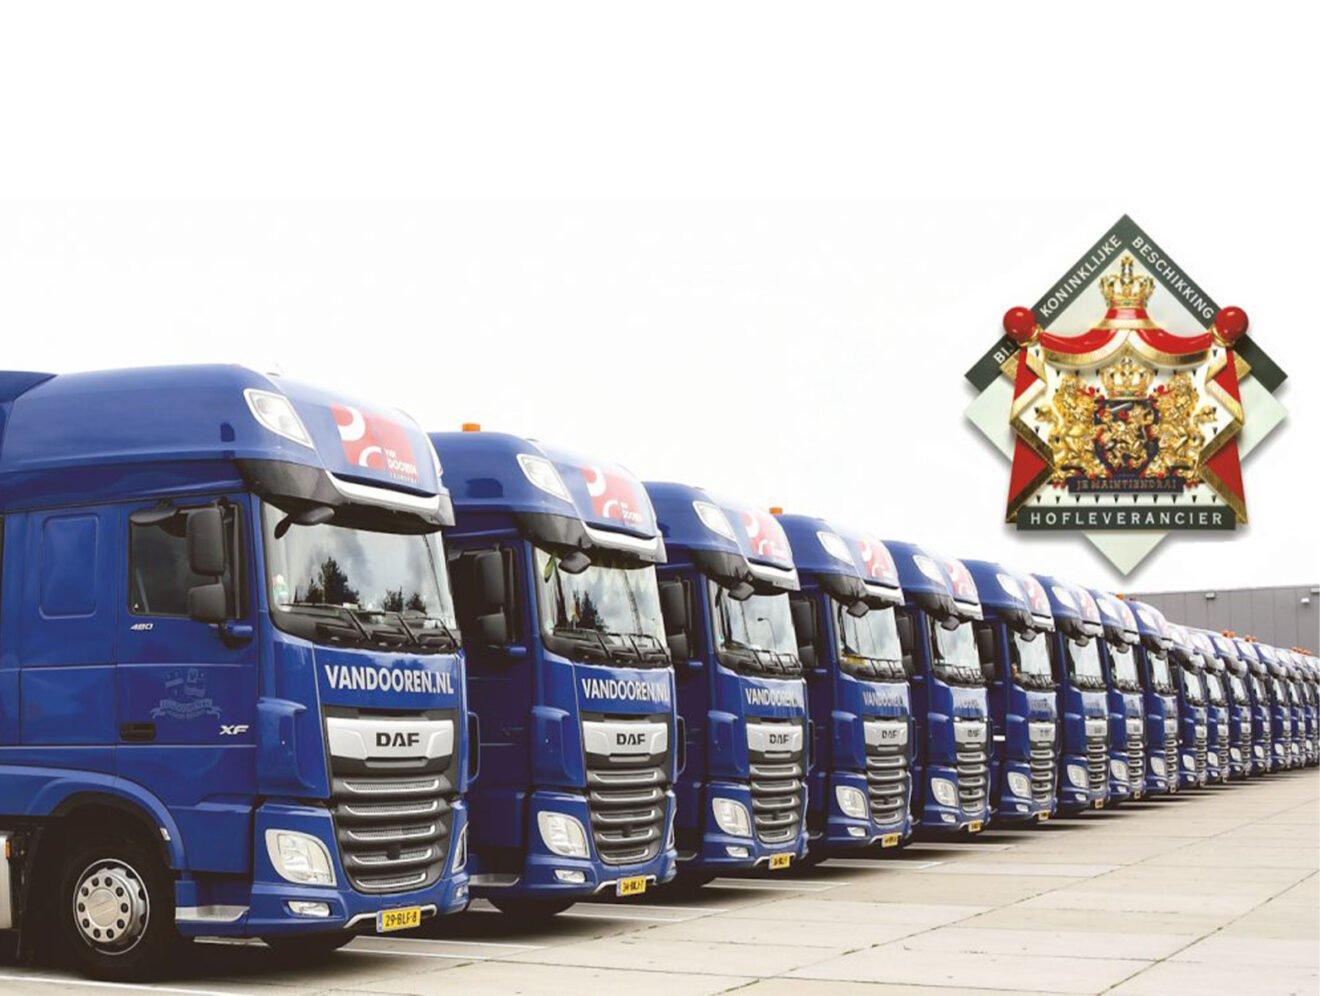 Van Dooren Transport is Hofleverancier